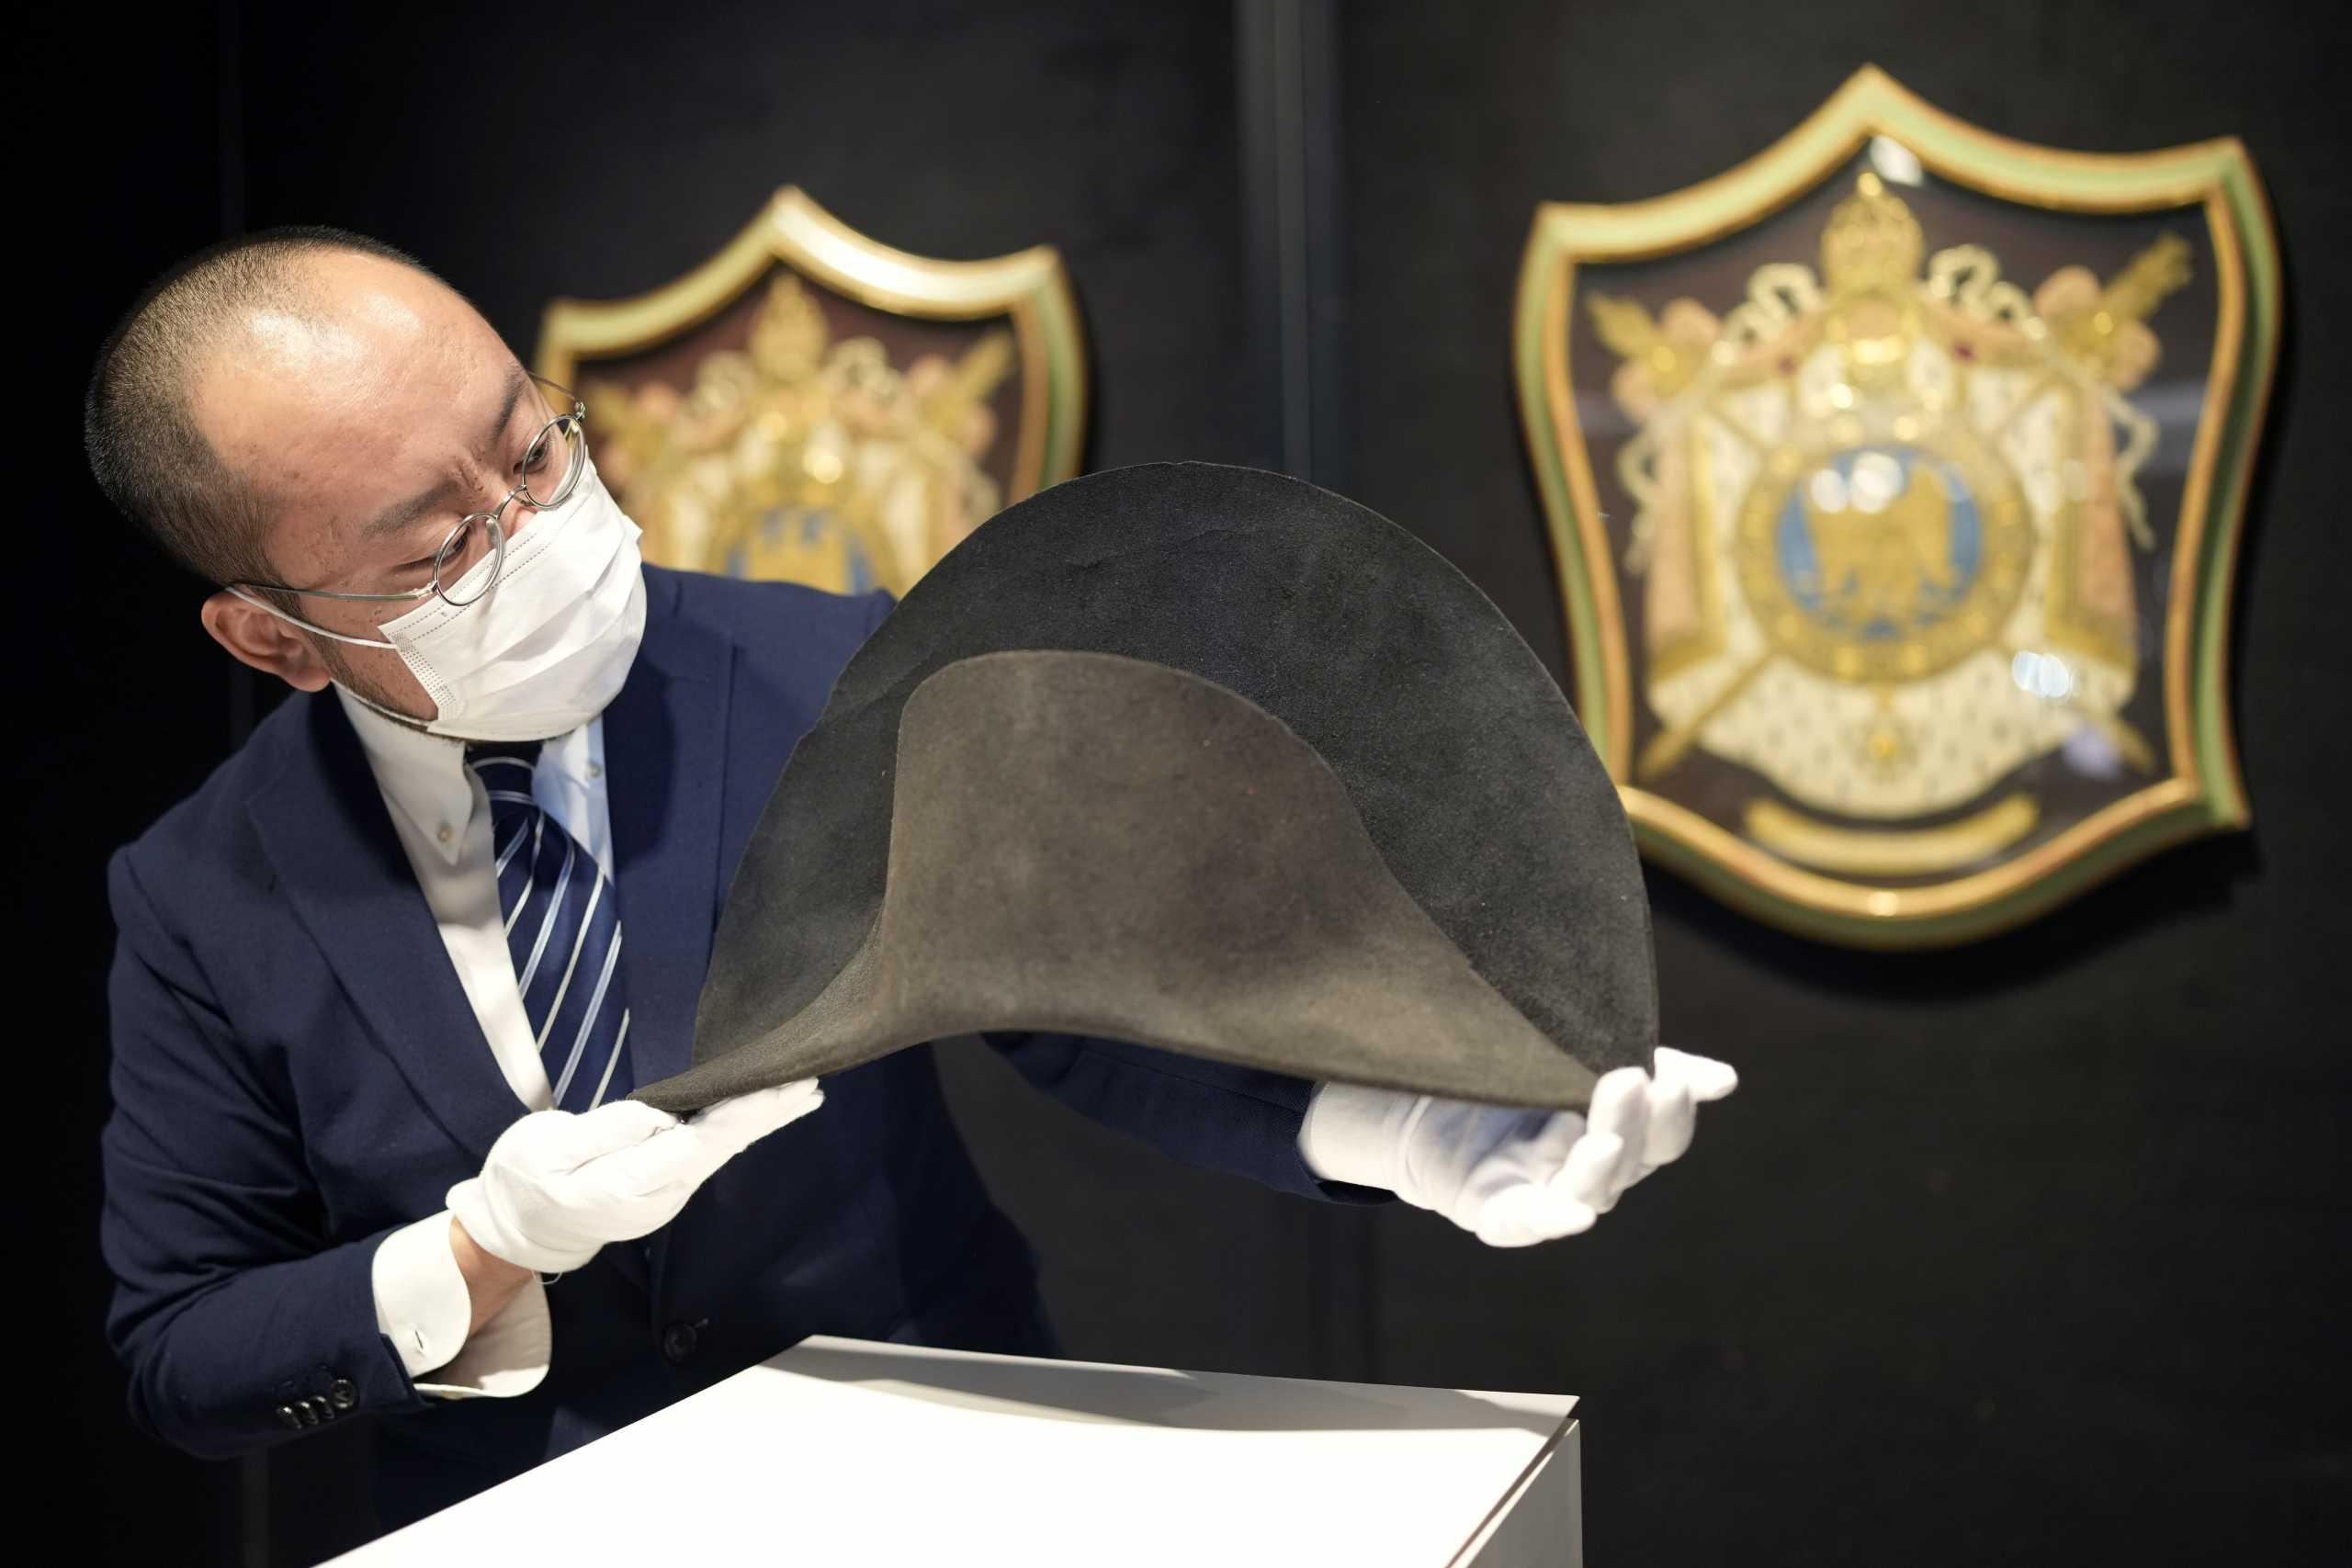 Δημοπρατείται καπέλο με ίχνη DNA του Ναπολέοντα Βοναπάρτη